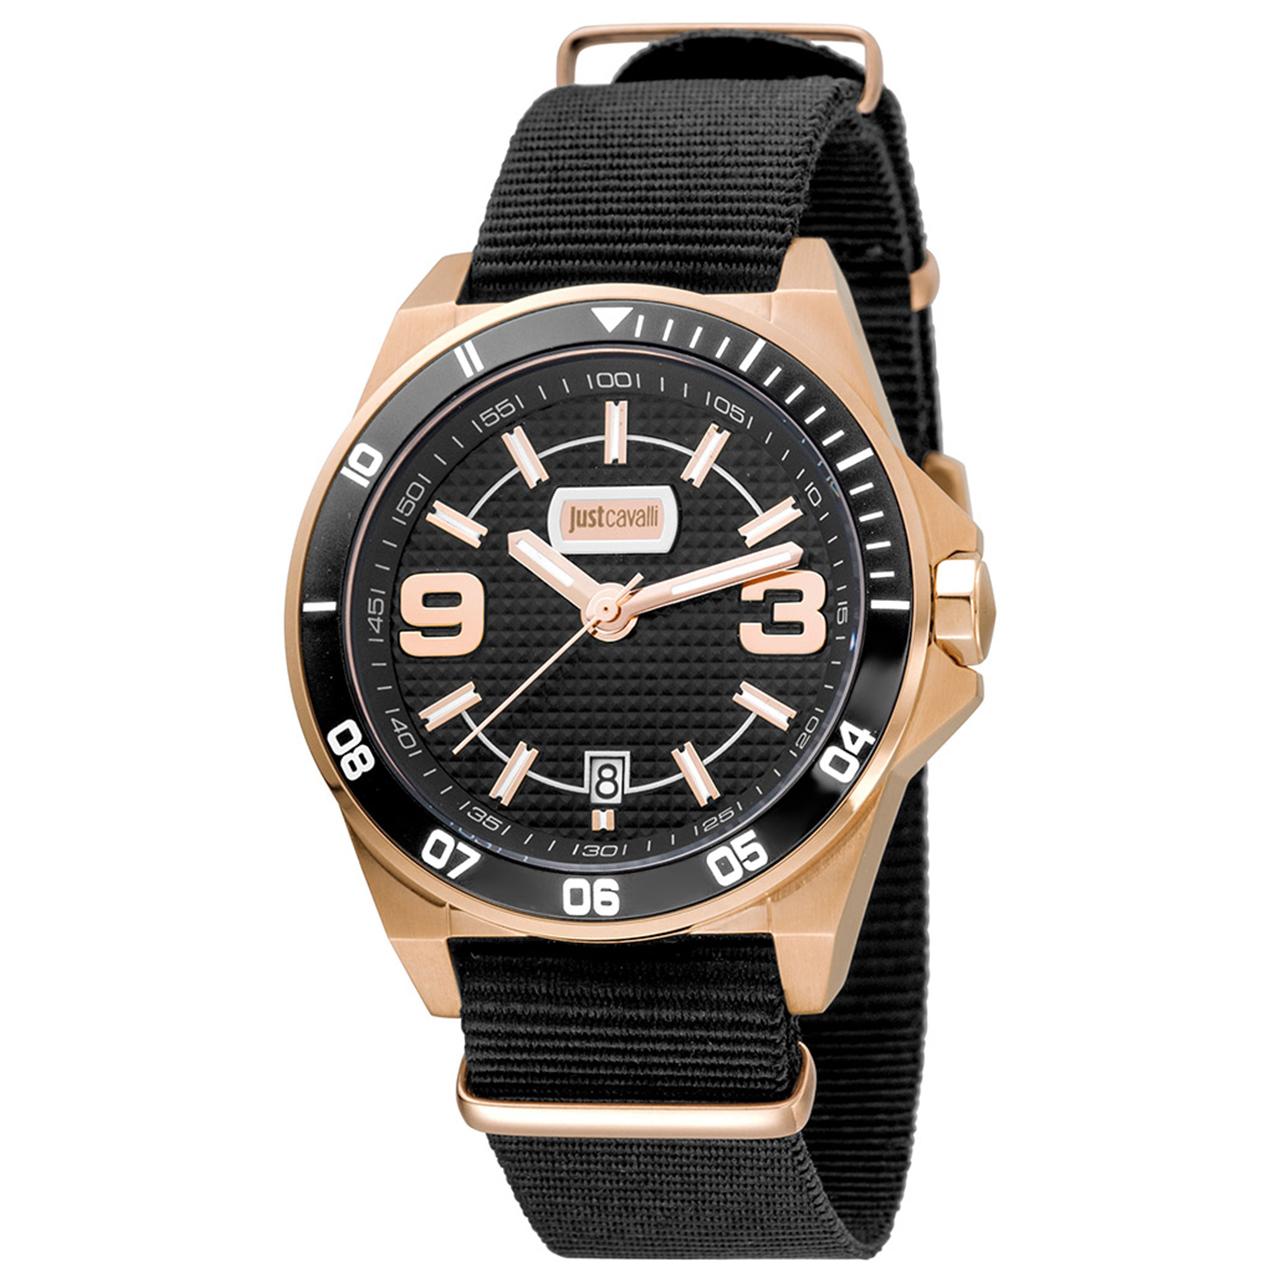 ساعت مچی عقربه ای مردانه جاست کاوالی مدل JC1G014L0035 53